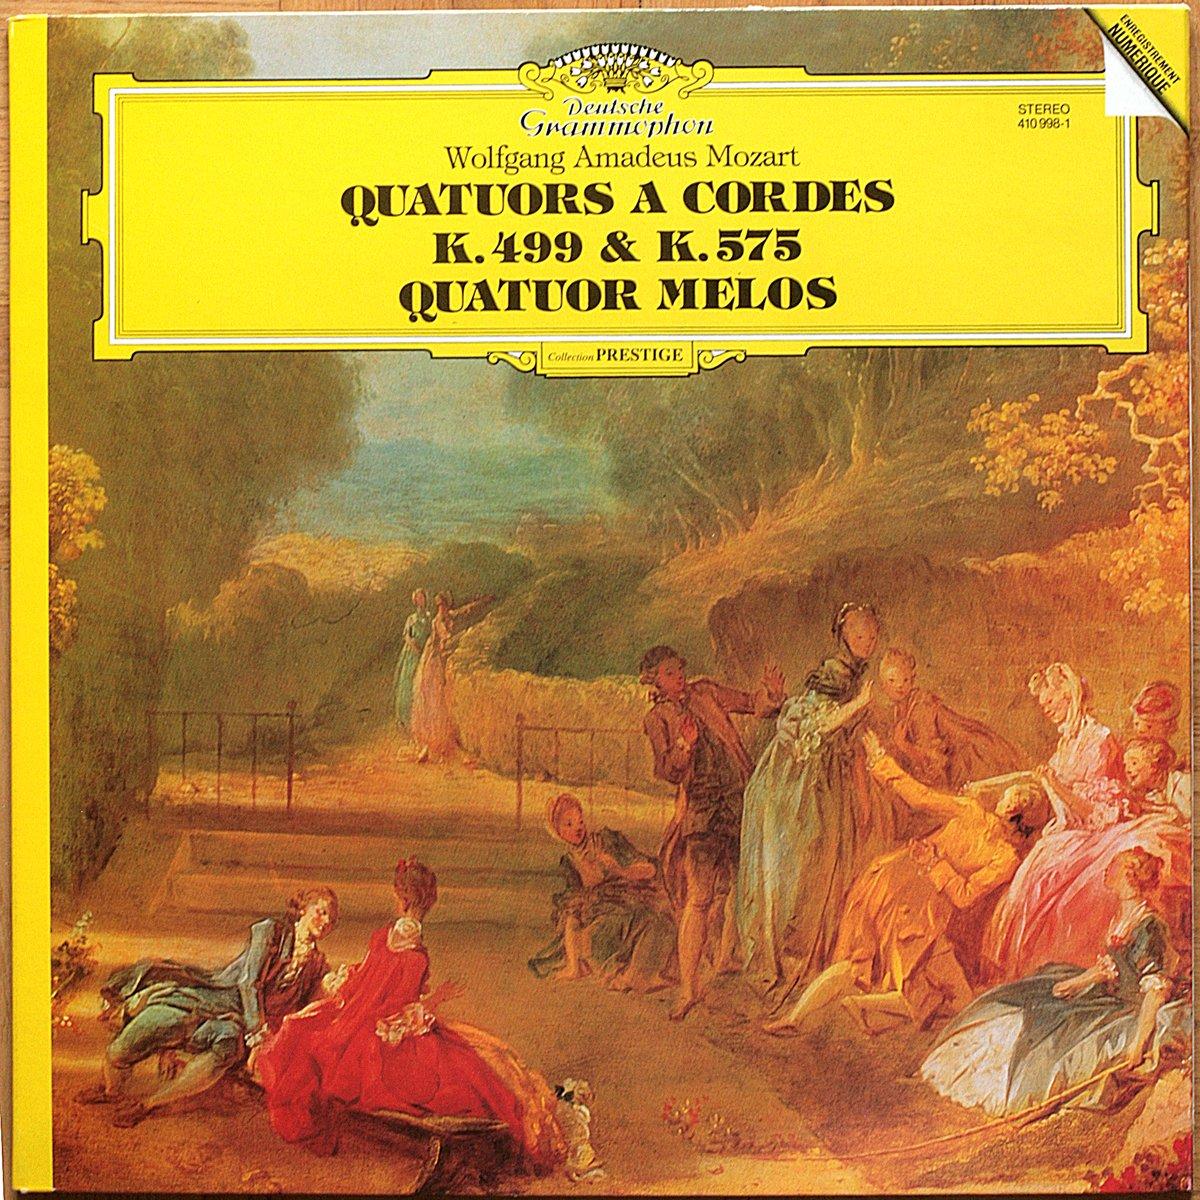 DGG 410 998 Mozart Streichquartette KV 499 & 575Melos Quartett DGG Digital Aufnahme